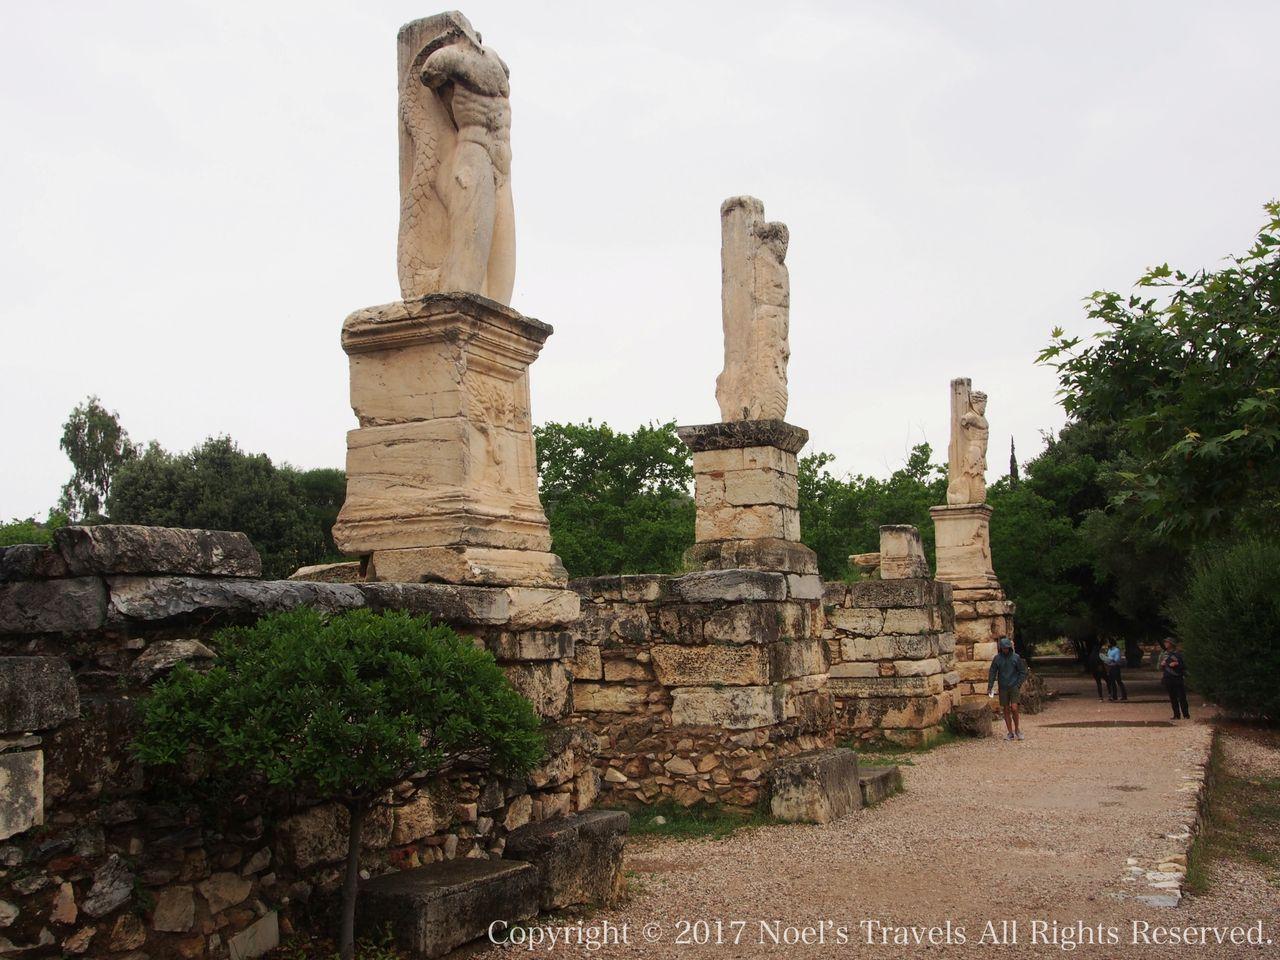 古代アゴラのトリトンの像